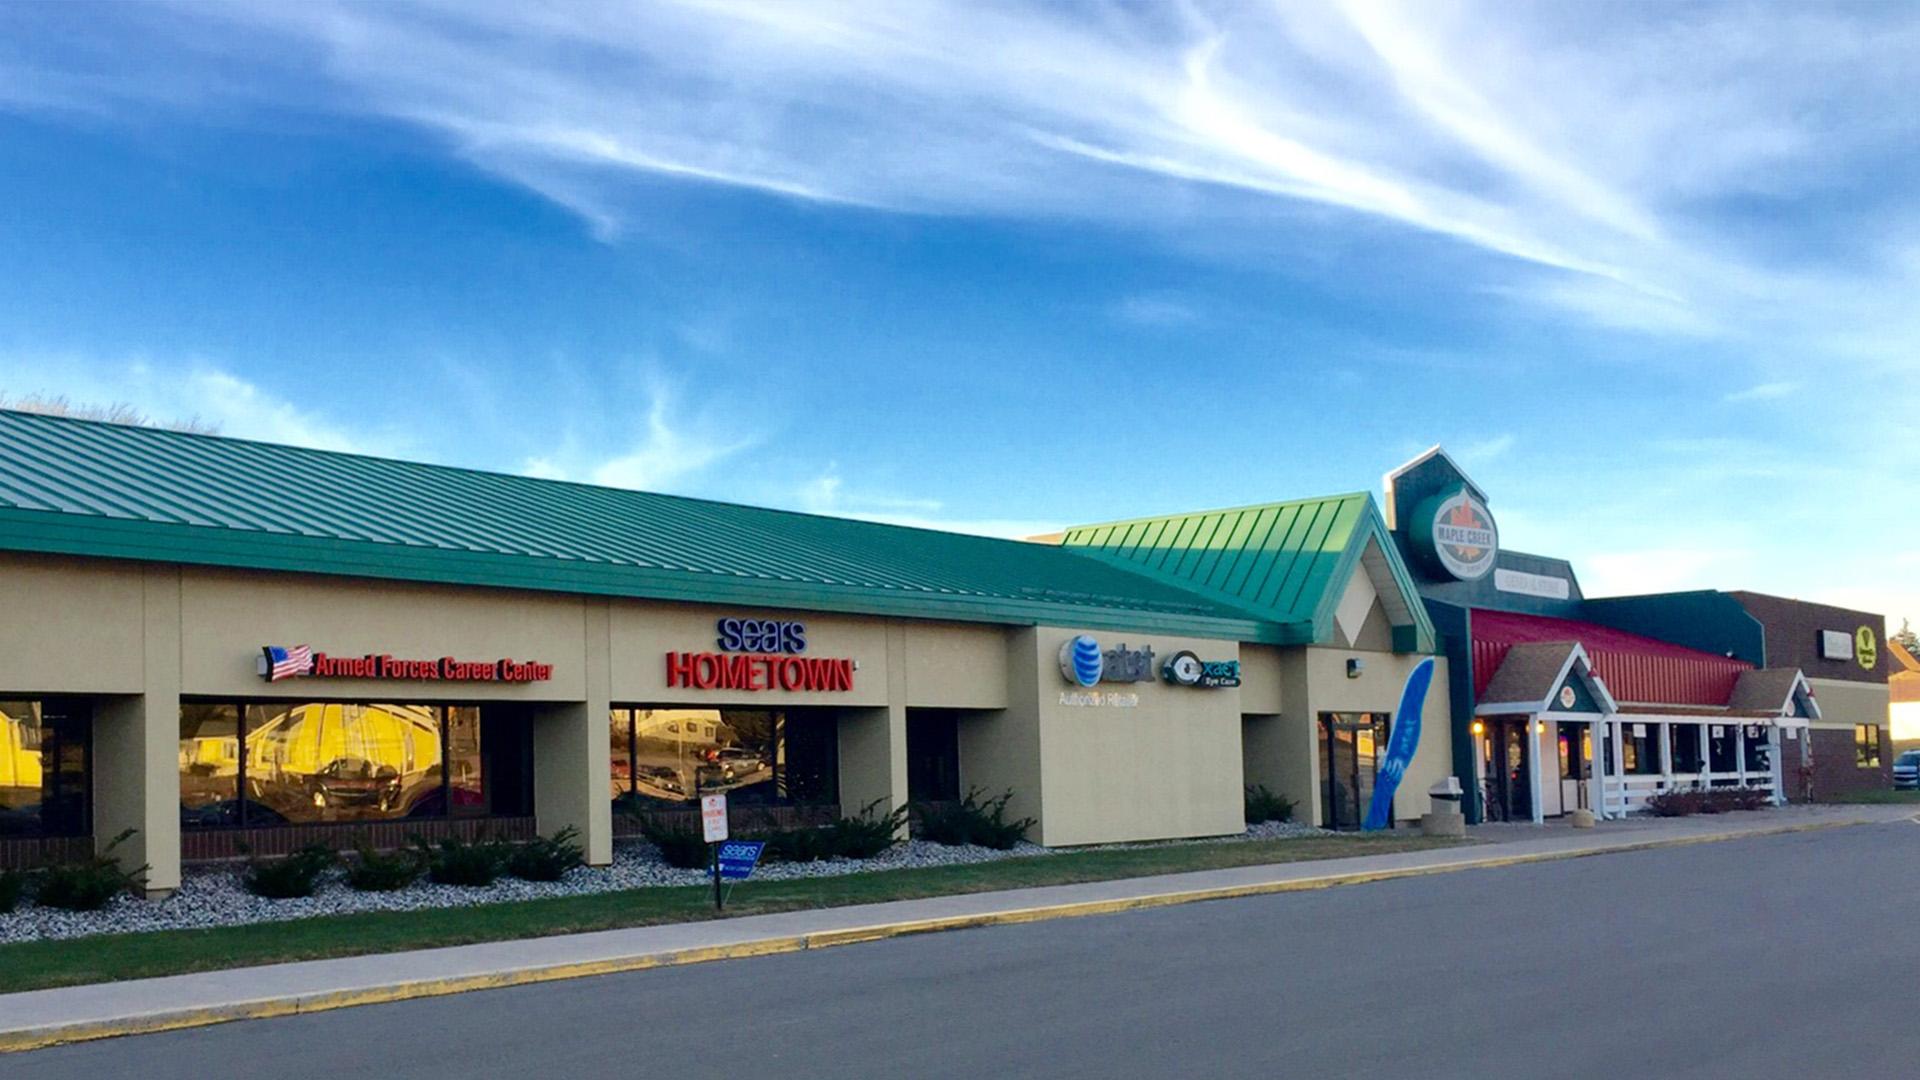 Midtown Retail Shoppng Mall Iron Mountain MI exterior north mall view